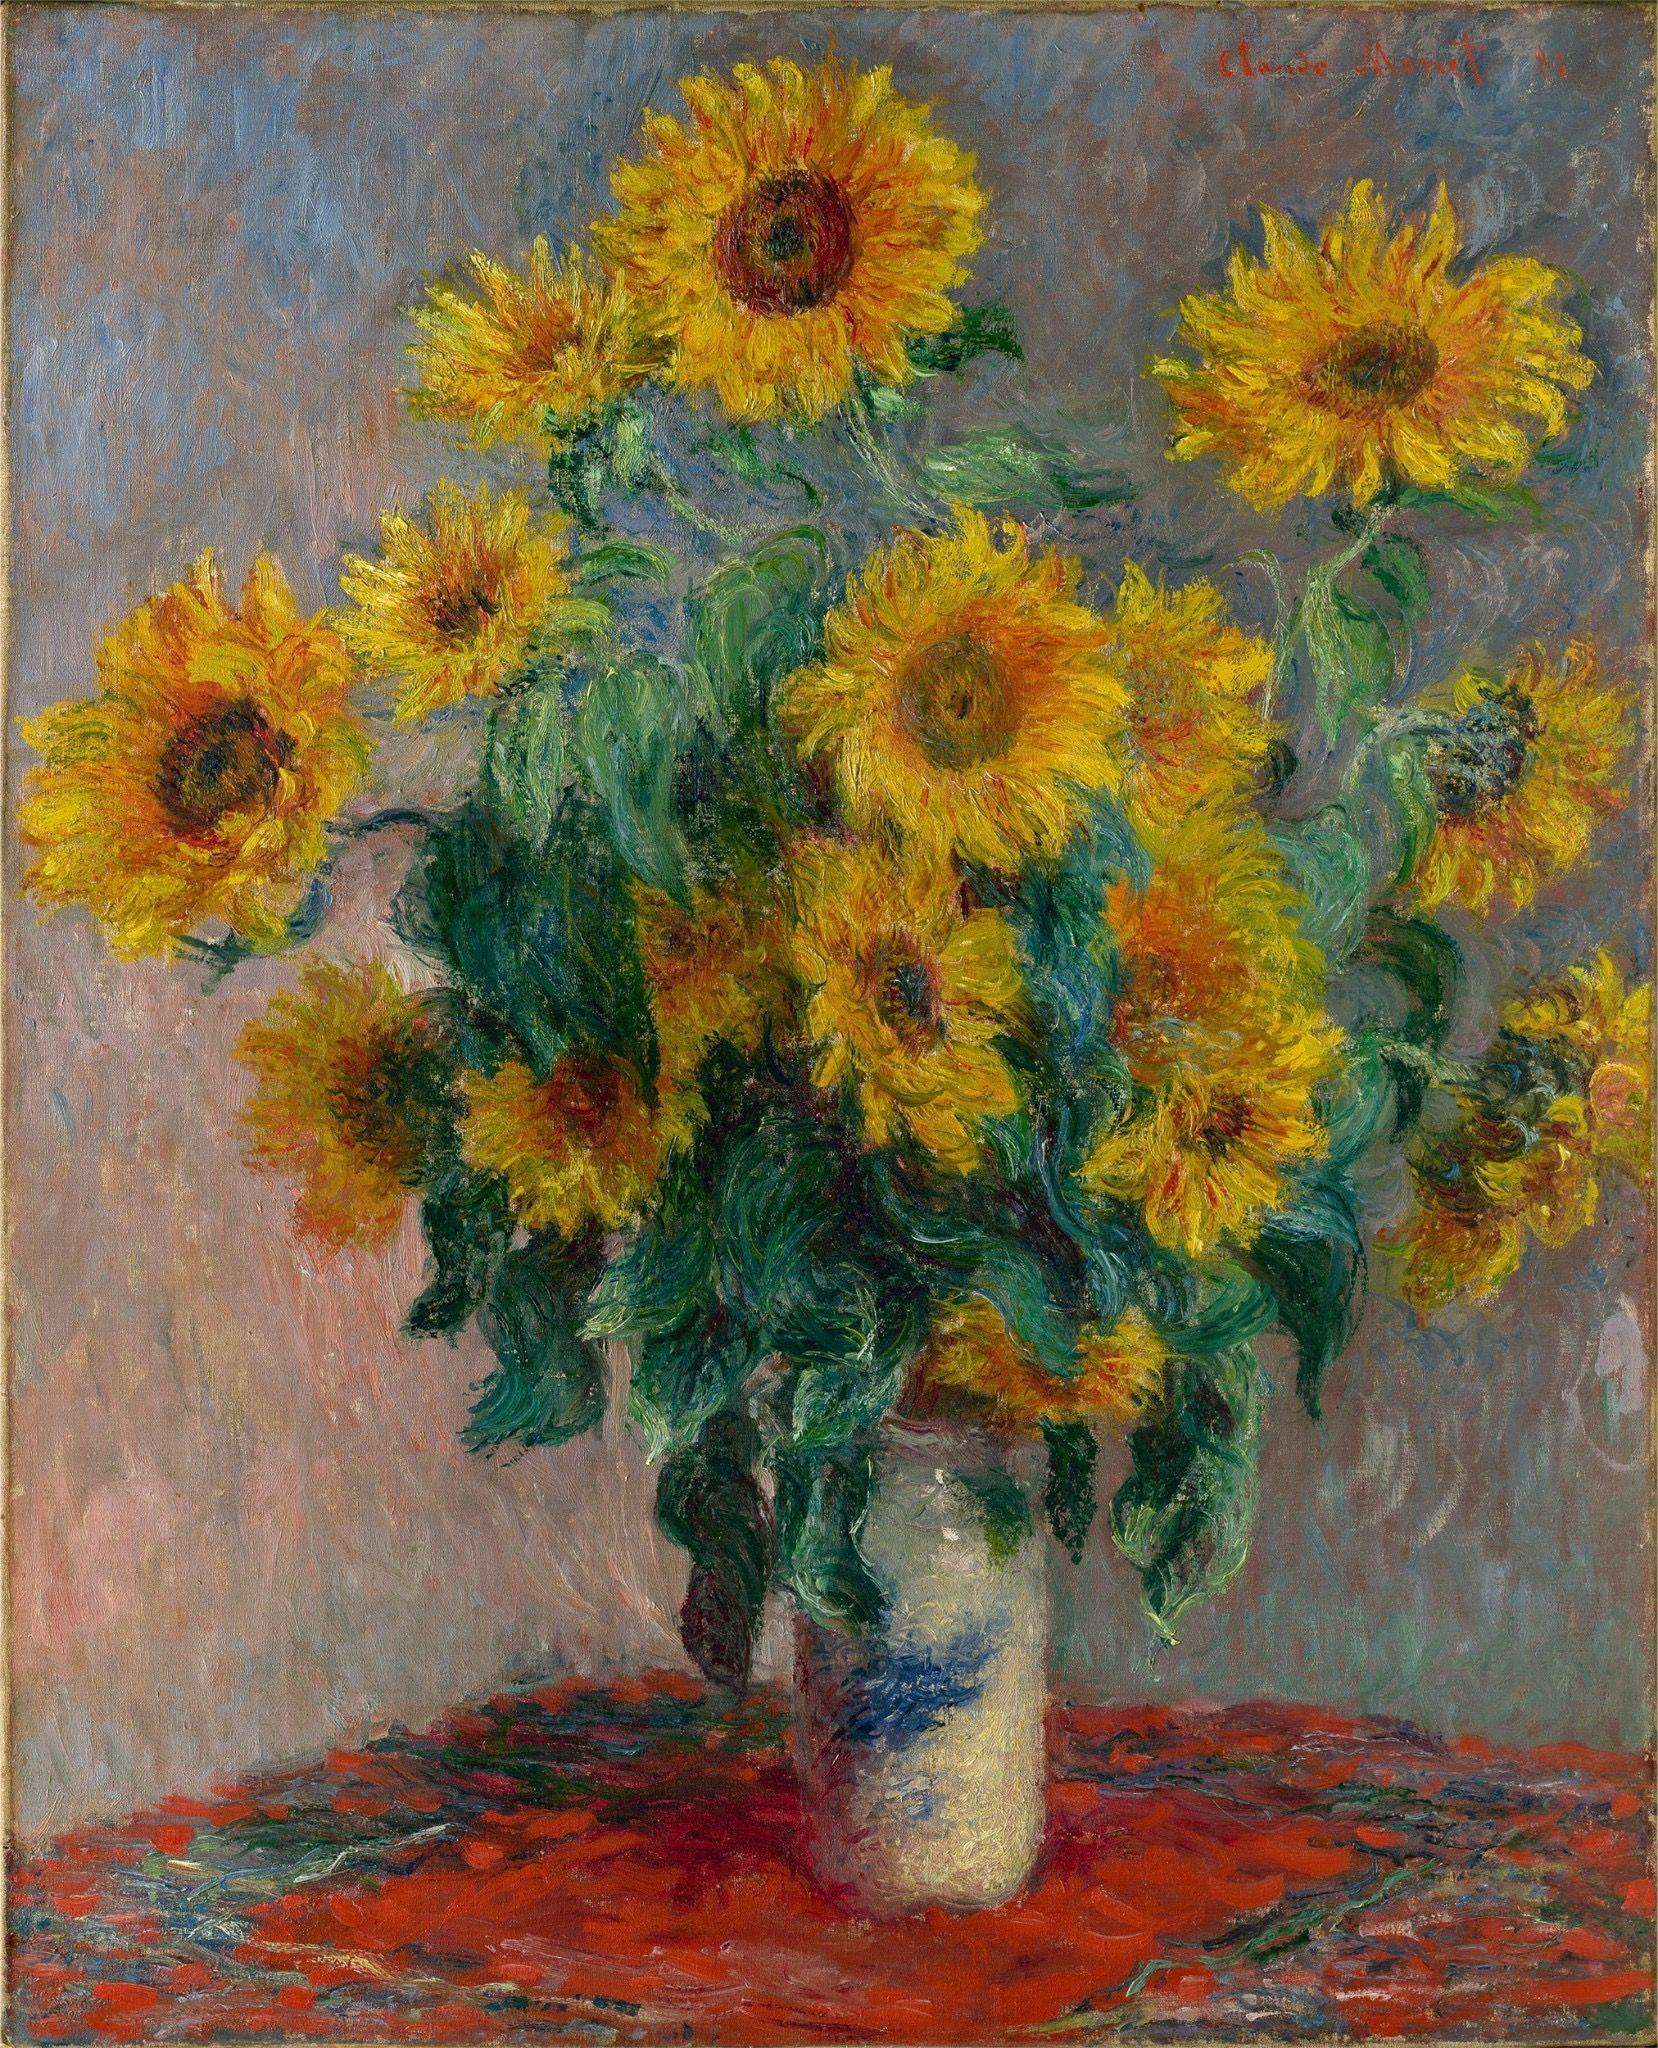 Claude Monet | Abstract canvas painting, Sunflower art print, Monet art